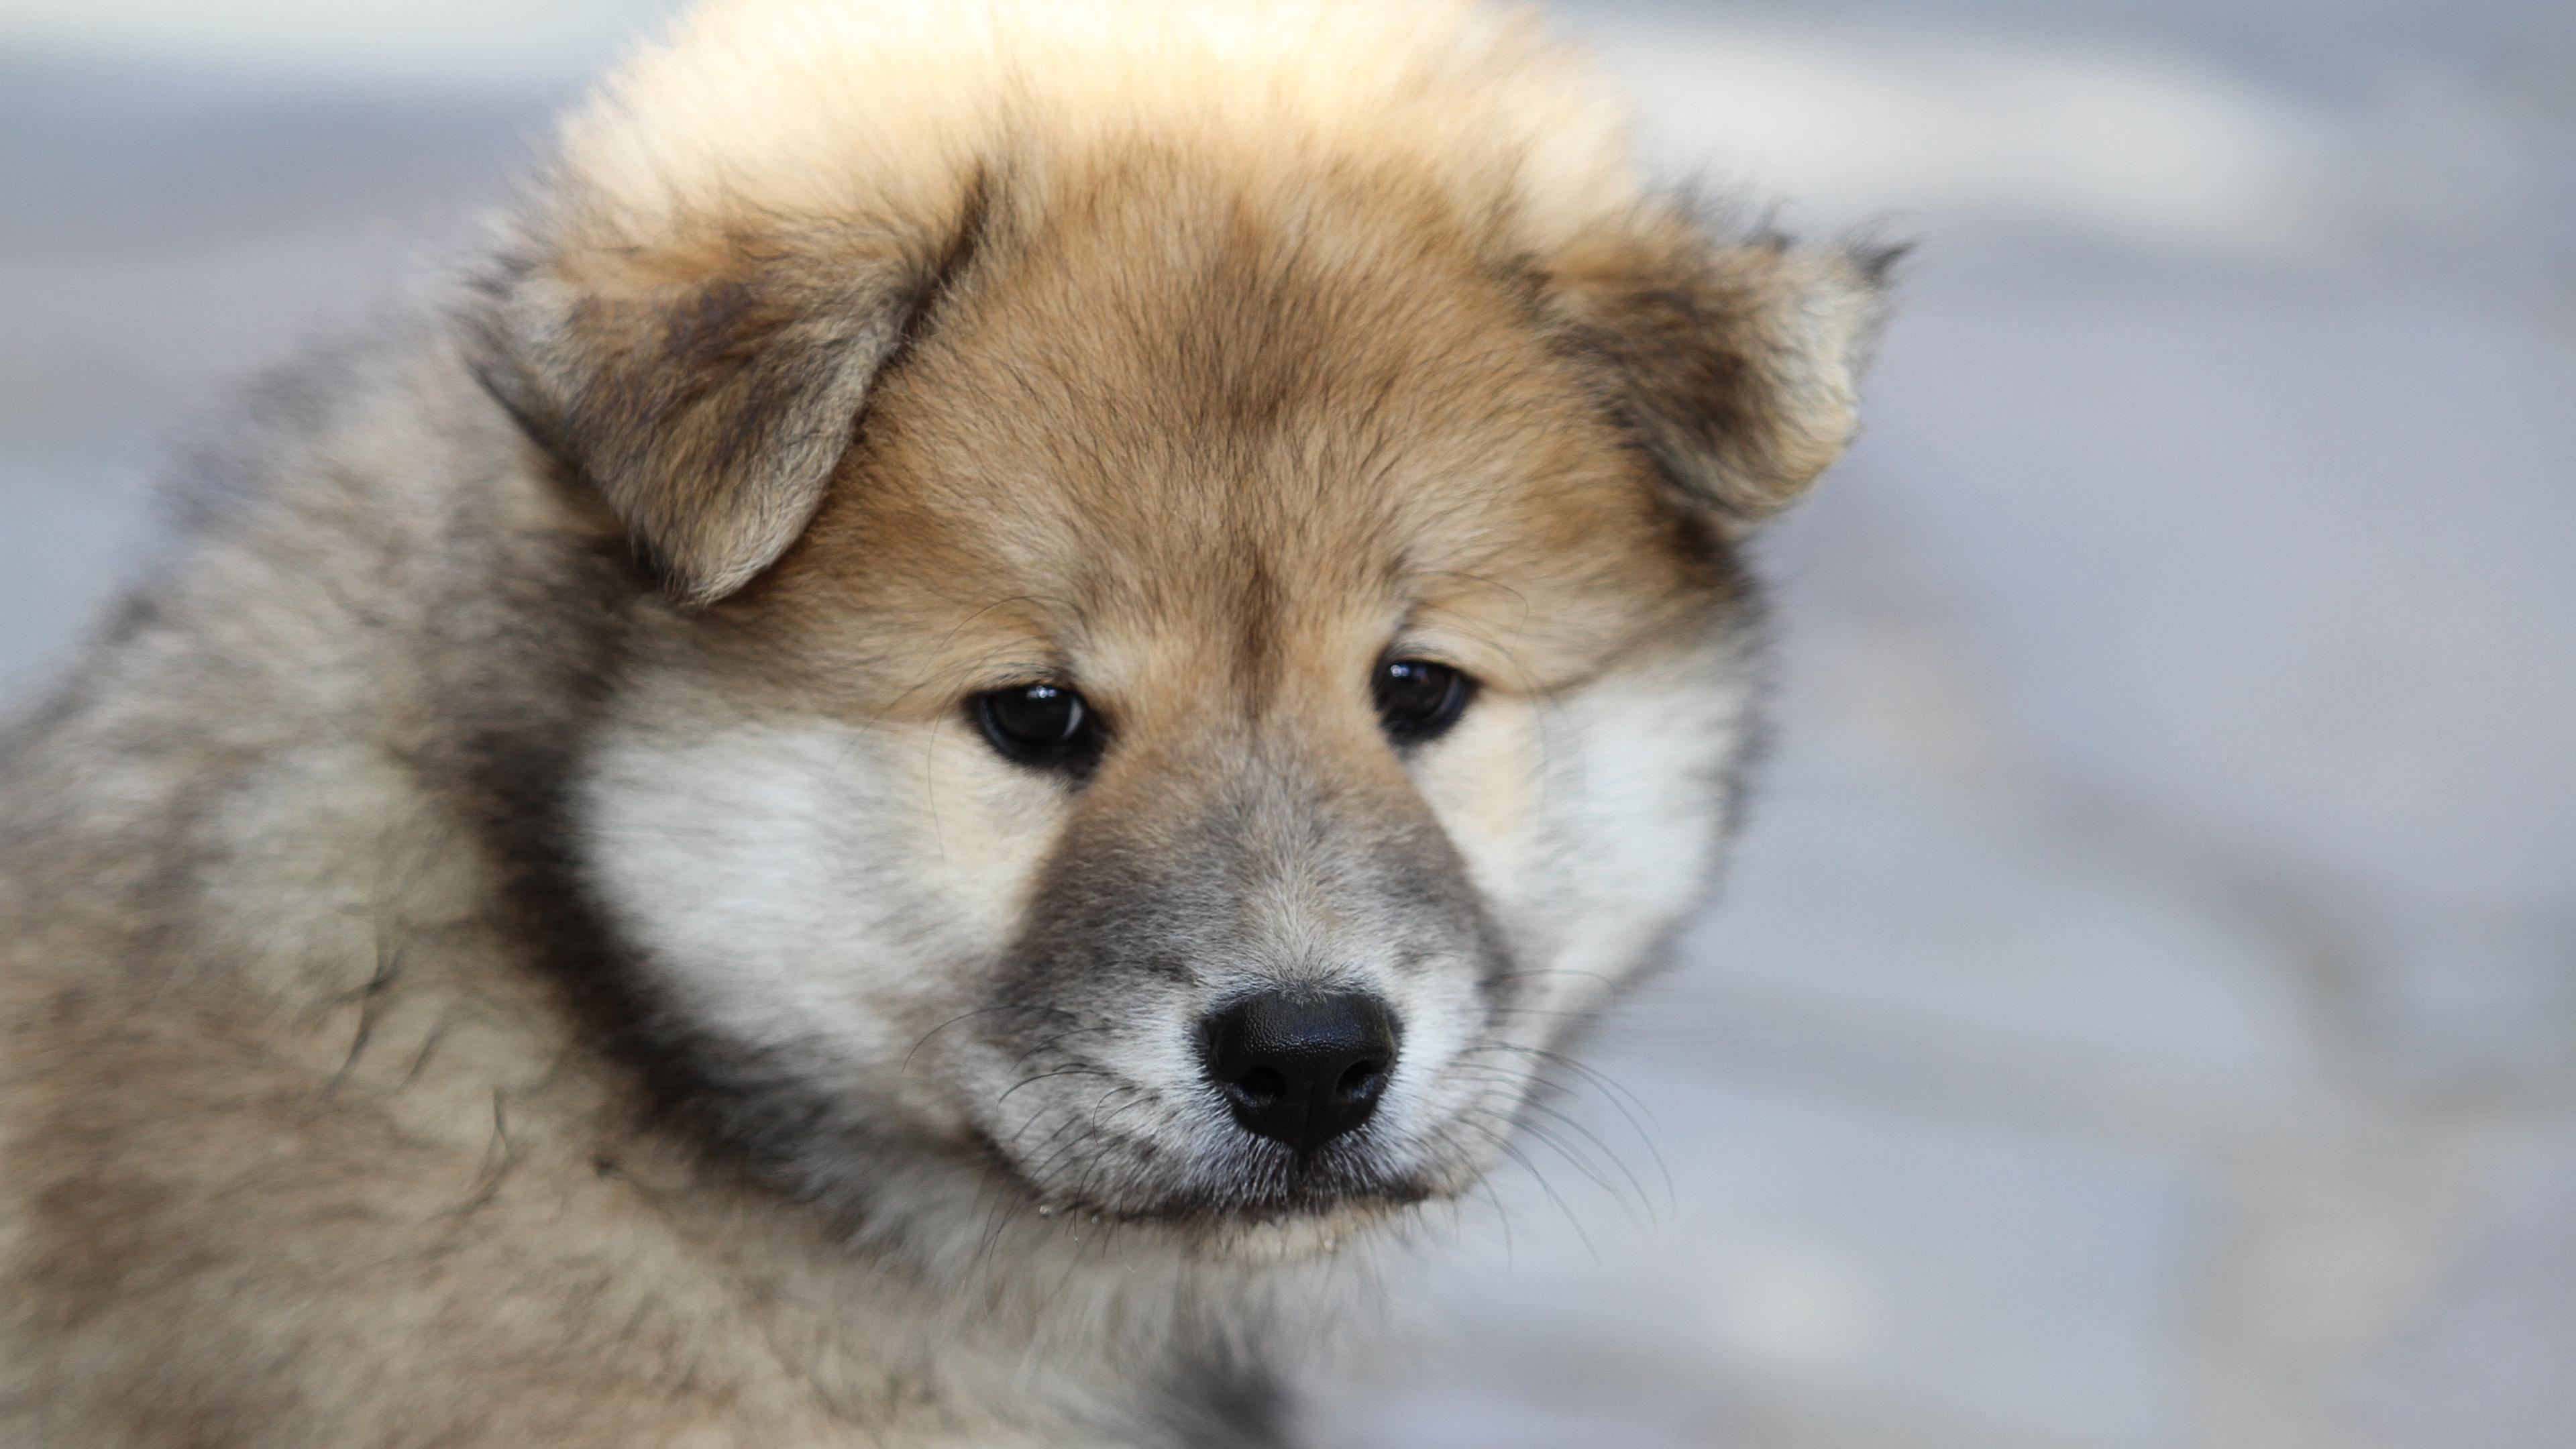 eurasier puppy dog 4k 1542242974 - eurasier, puppy, dog 4k - Puppy, eurasier, Dog